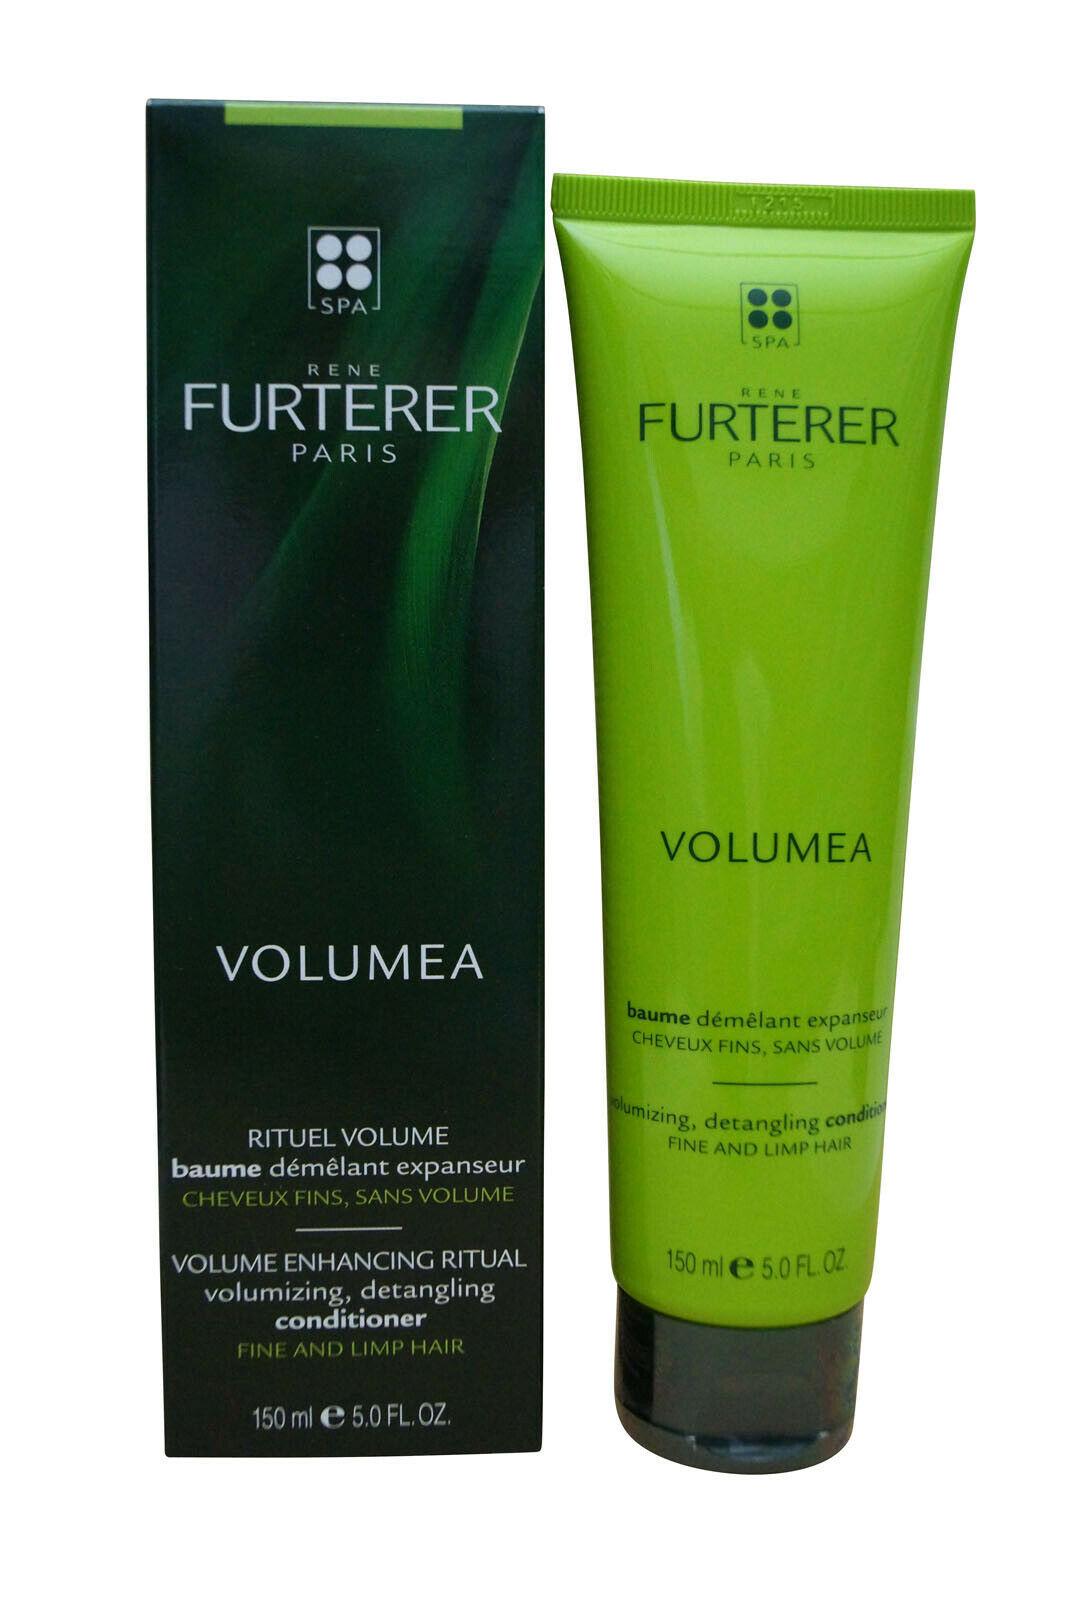 Rene Furterer Volumea Volumizing Conditioner Fine & Limp Hair 5.0 OZ - $20.40